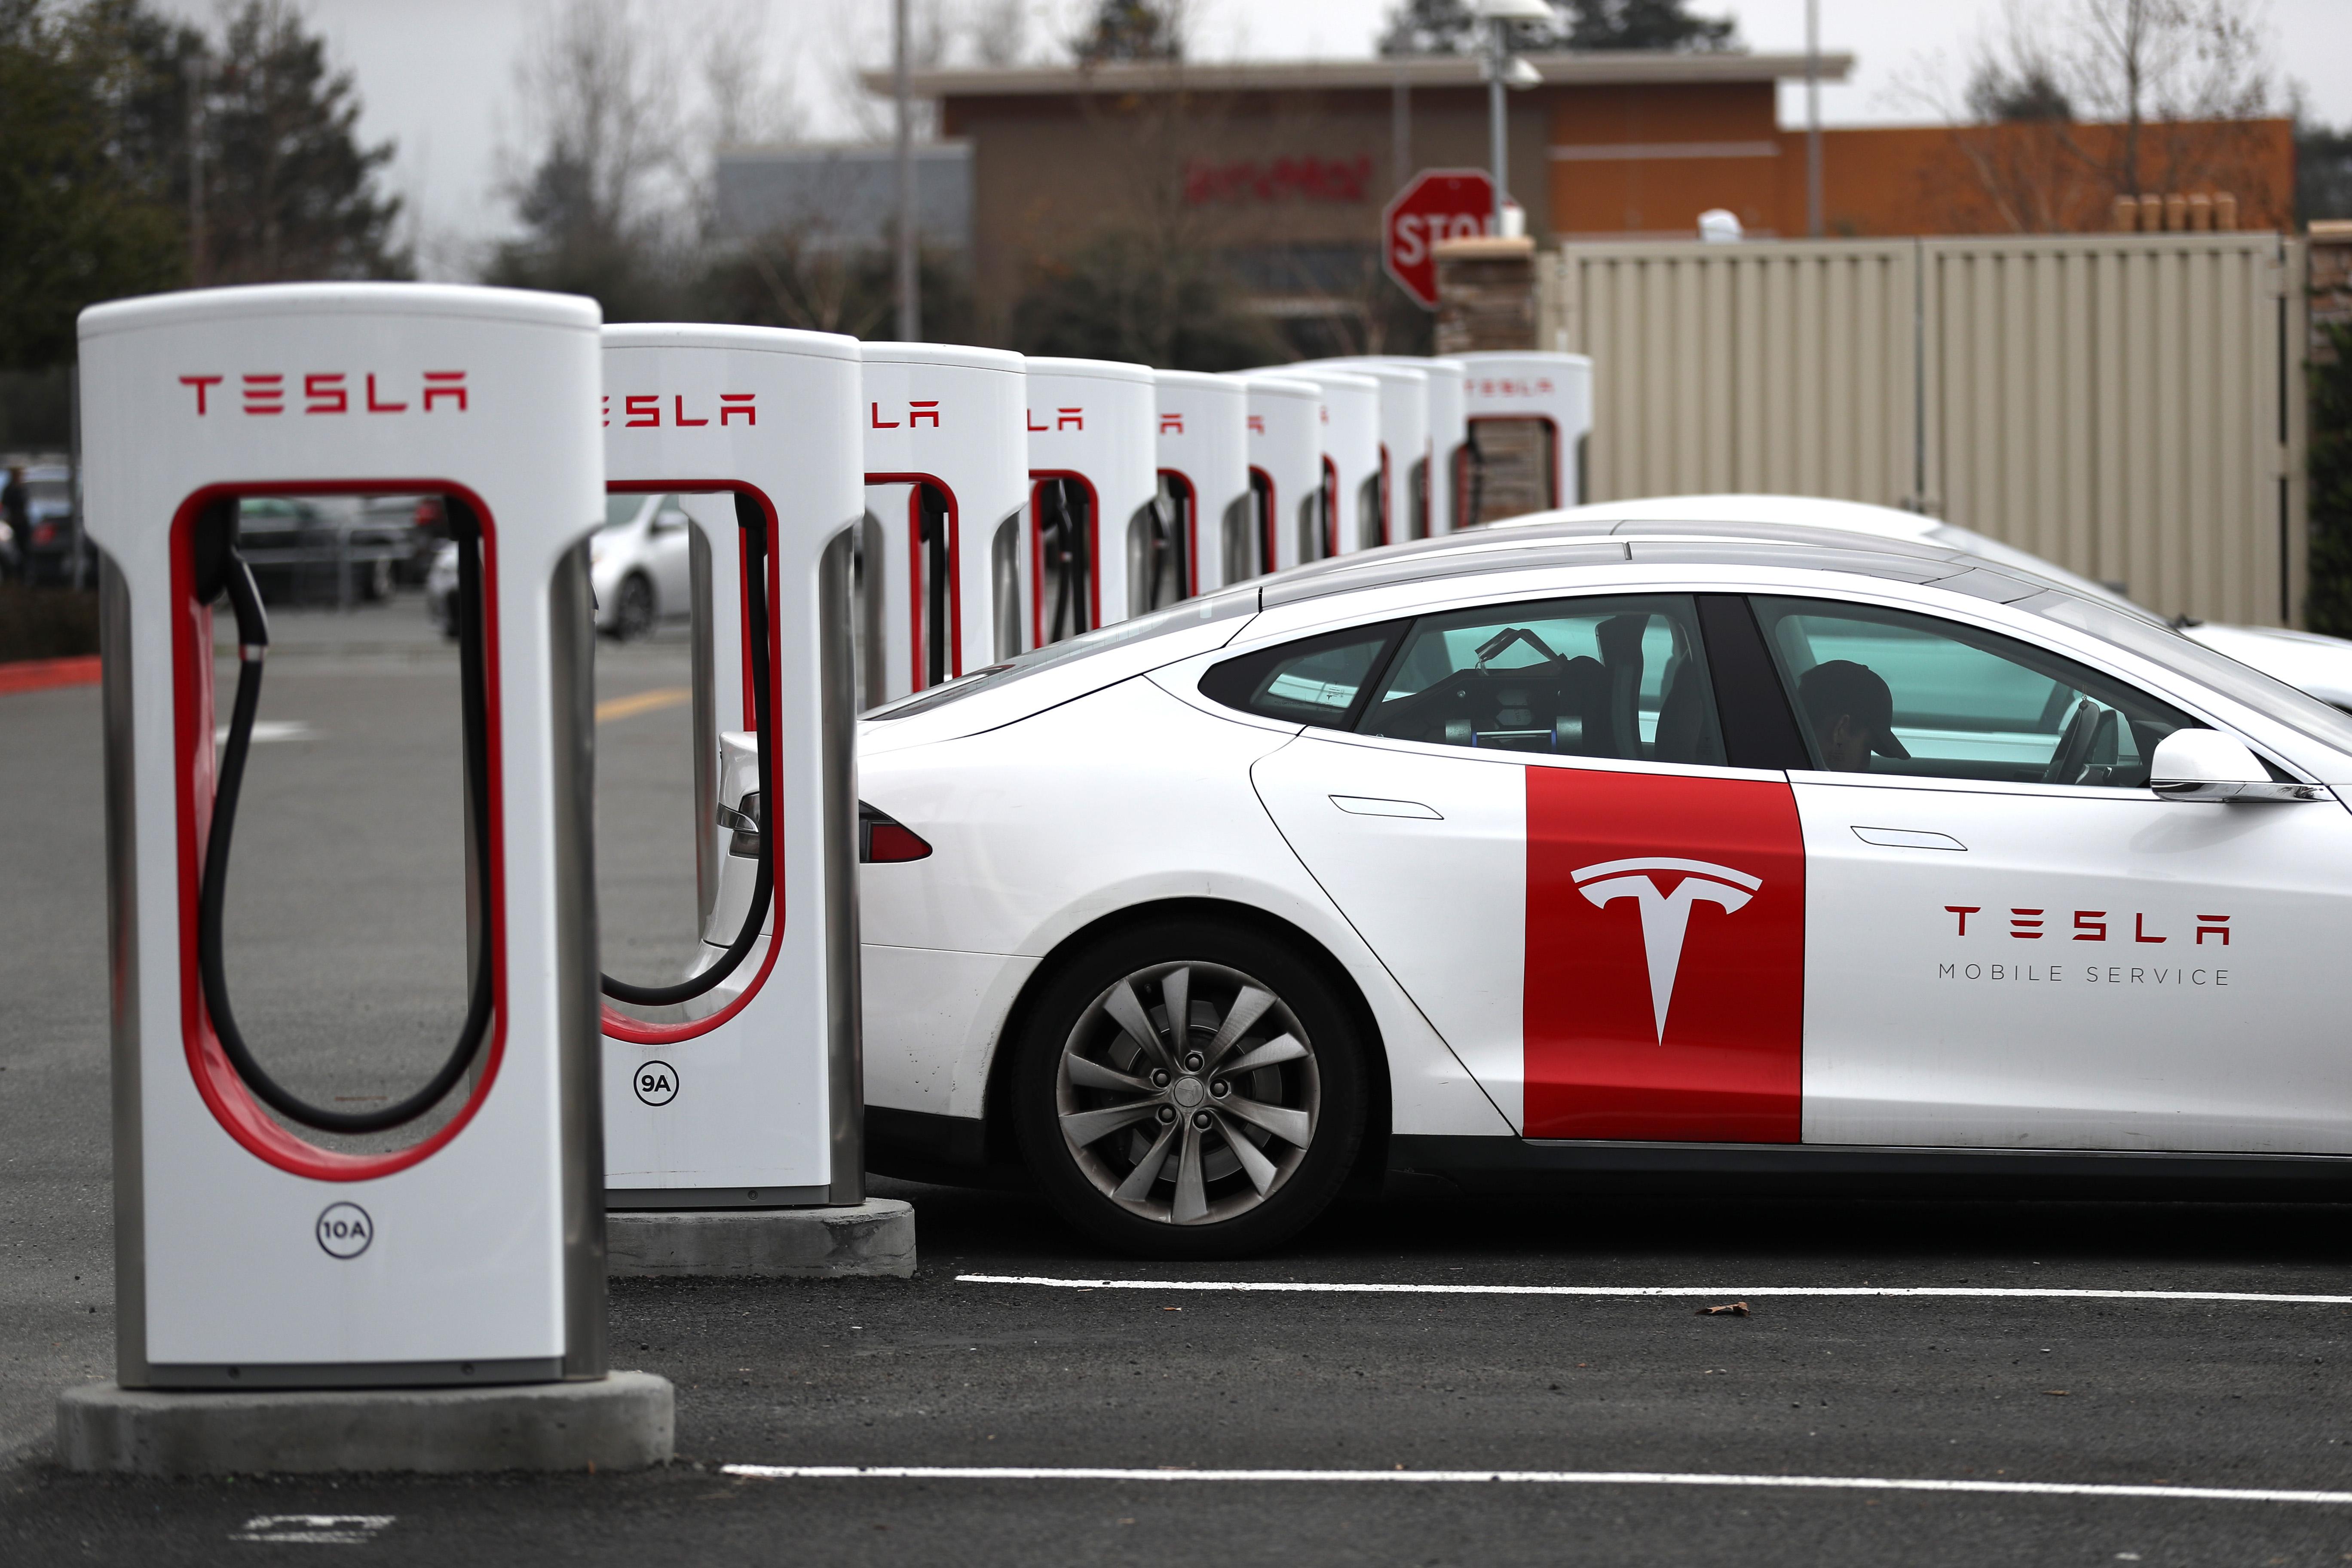 「特斯拉」一批電動車被扣在中國海關。圖為一輛特斯拉電車正在加州一充電站充電。 (Justin Sullivan/Getty Images)